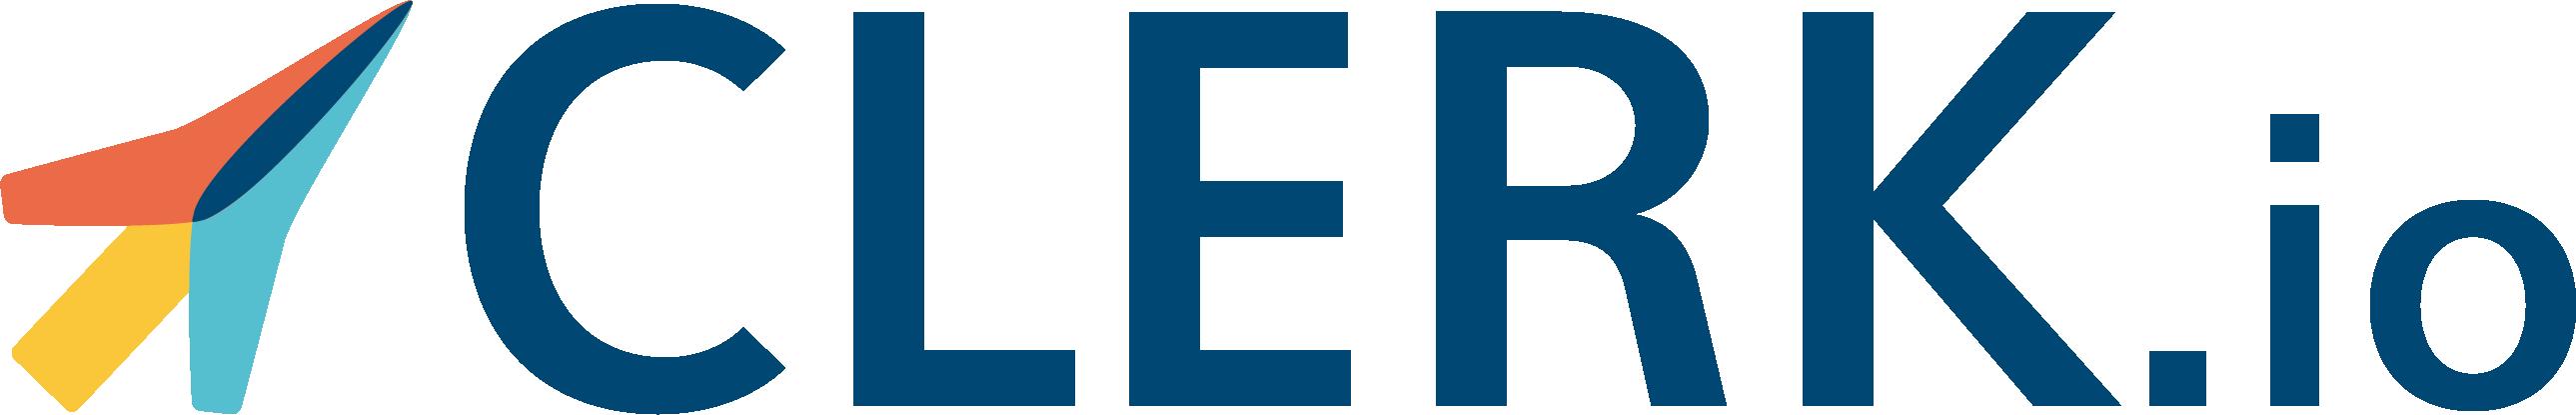 Clerk_logo trim.png